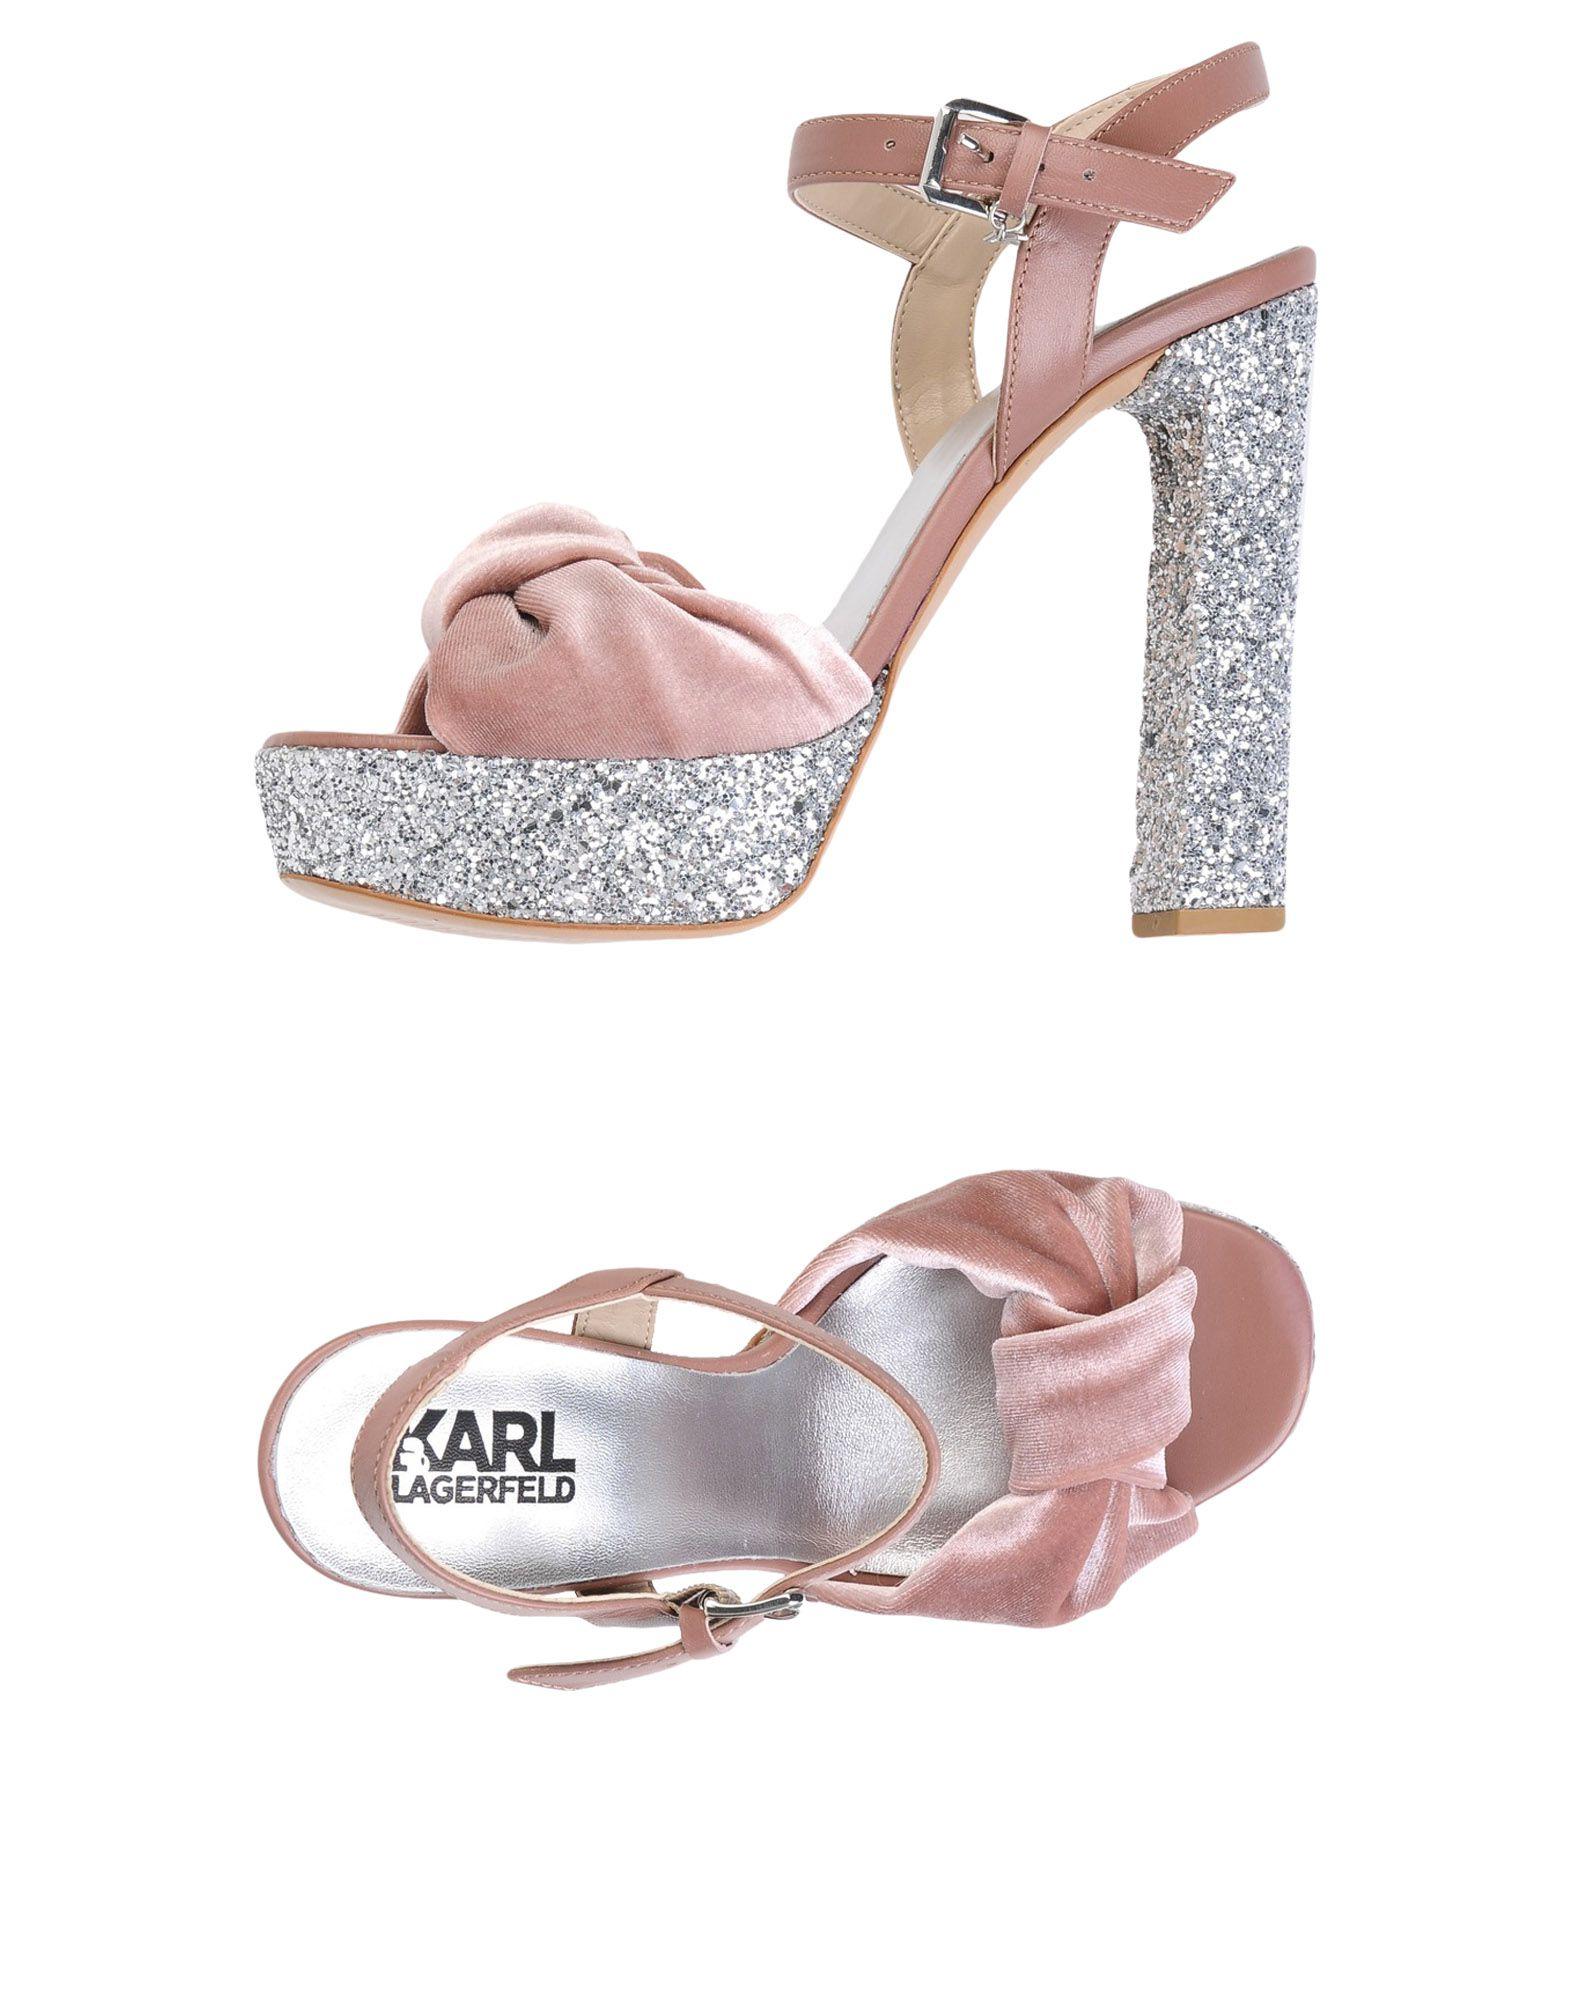 Sandali Karl Lagerfeld Soiree Open Sandal Velvet - Donna - 11458328OQ